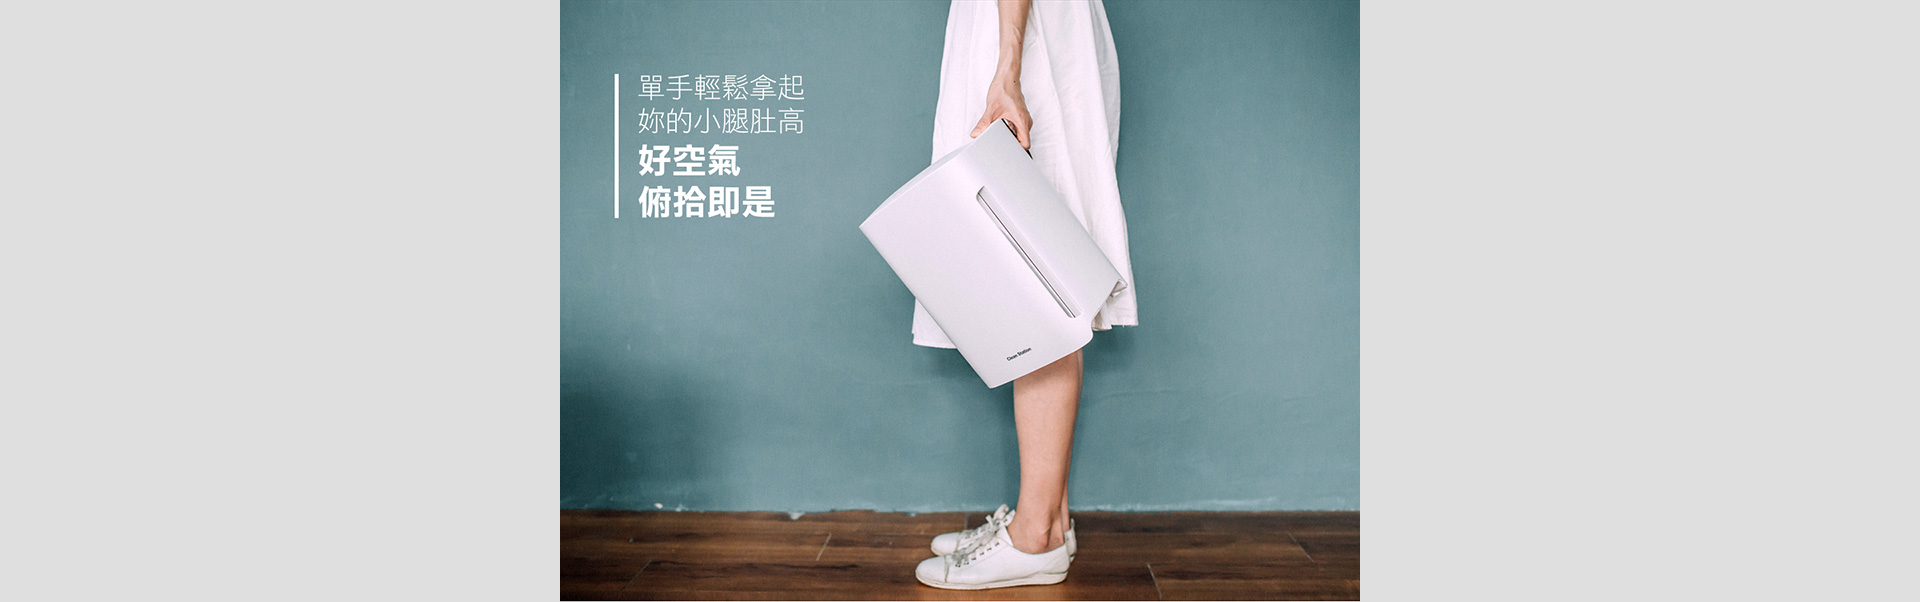 f101_14周年慶-Mobile版_20191104_V4_pc_02